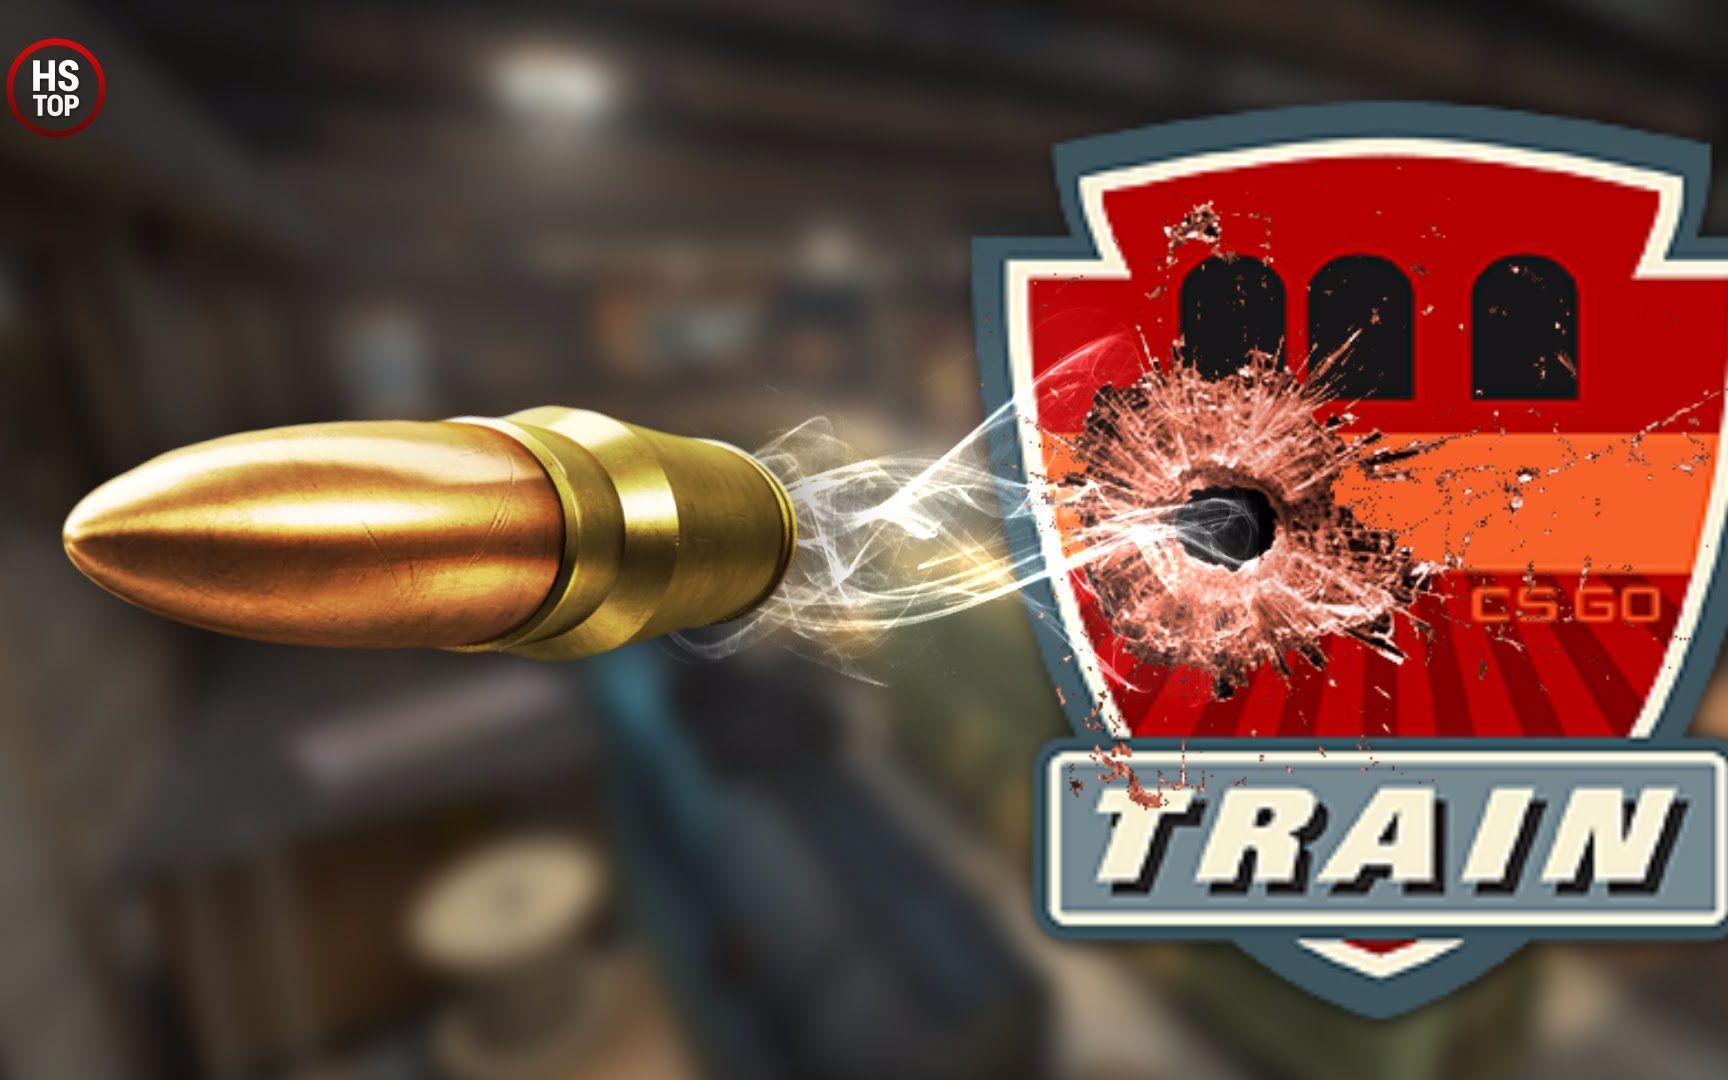 logo是什么意思_train是什么意思